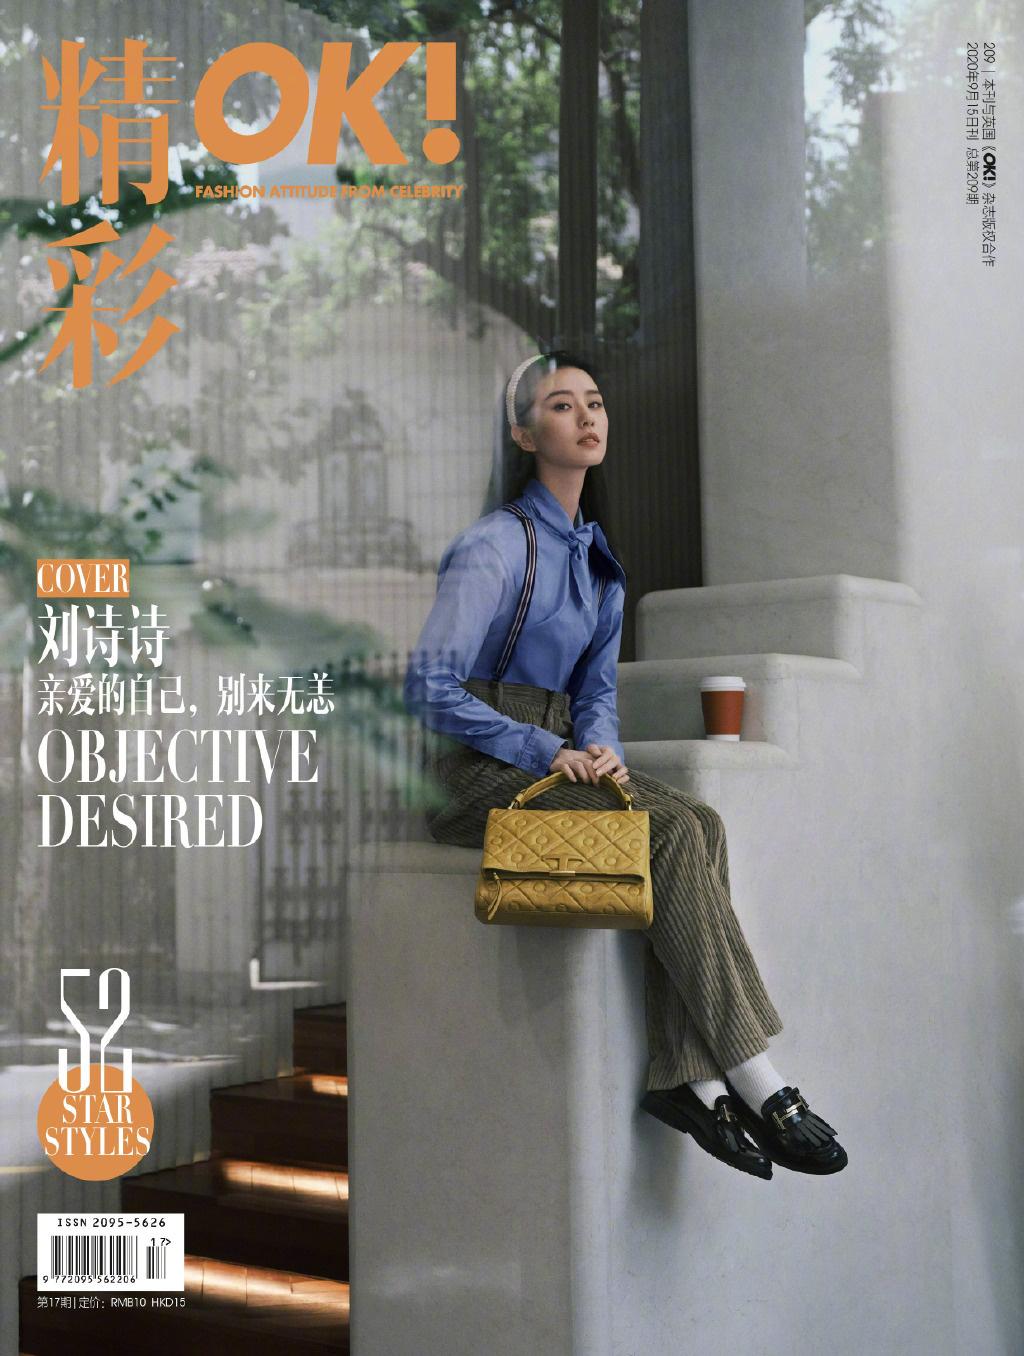 刘诗诗初秋沐日画报释出 复古文艺穿搭展自然气质 第1张